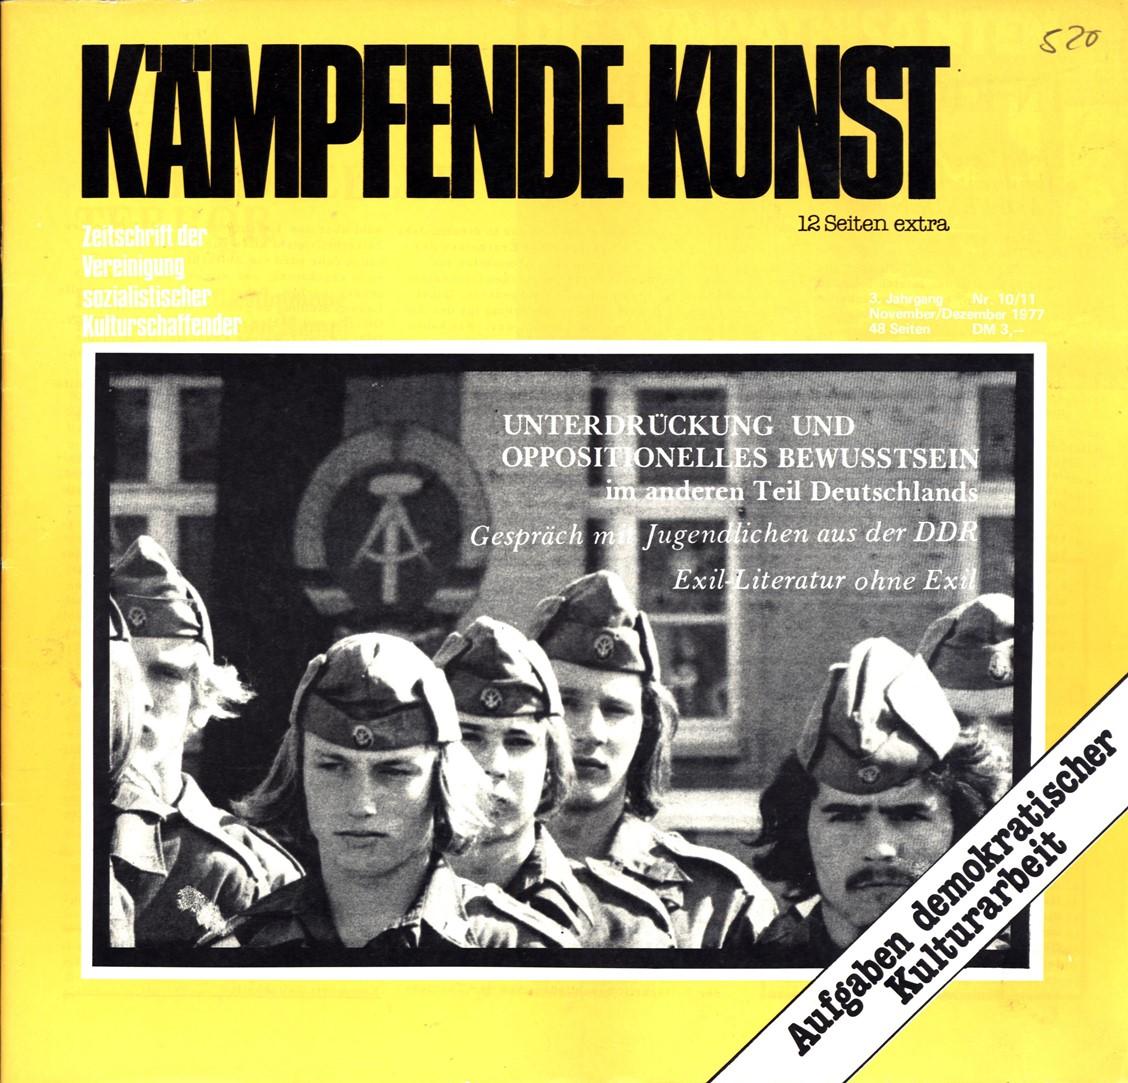 VSK_Kaempfende_Kunst_19771200_01